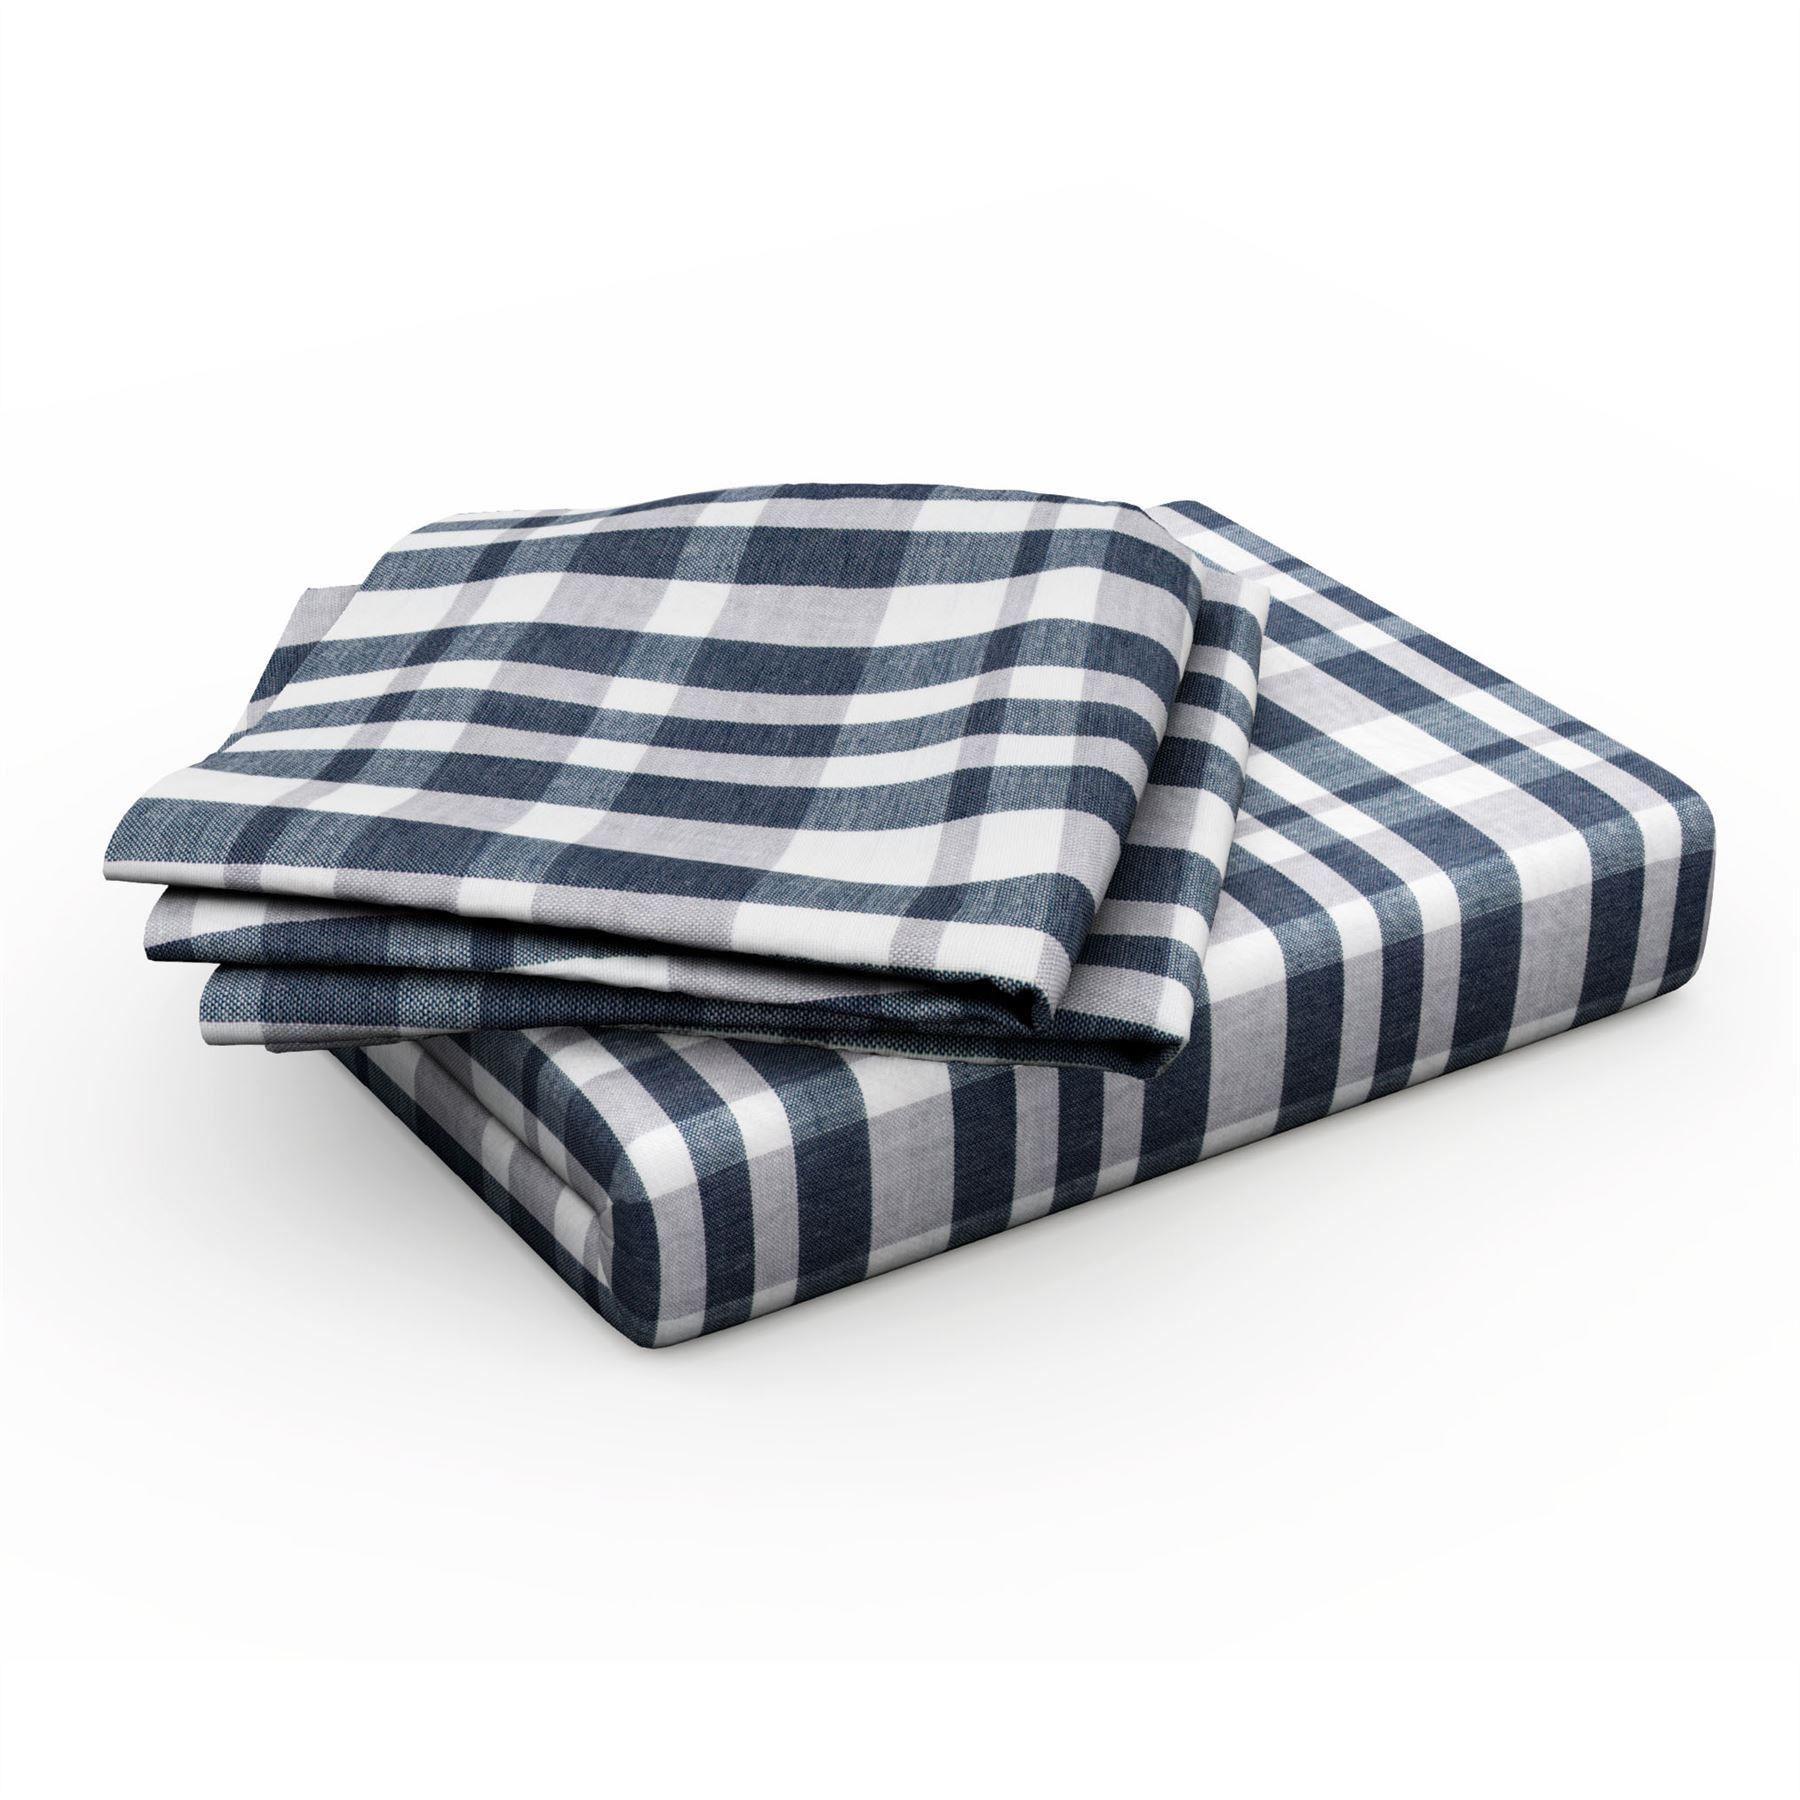 100-Algodon-Cuidado-facil-cubierta-del-edredon-edredon-multicolor-nuevo-conjunto-de-ropa-de-cama miniatura 15